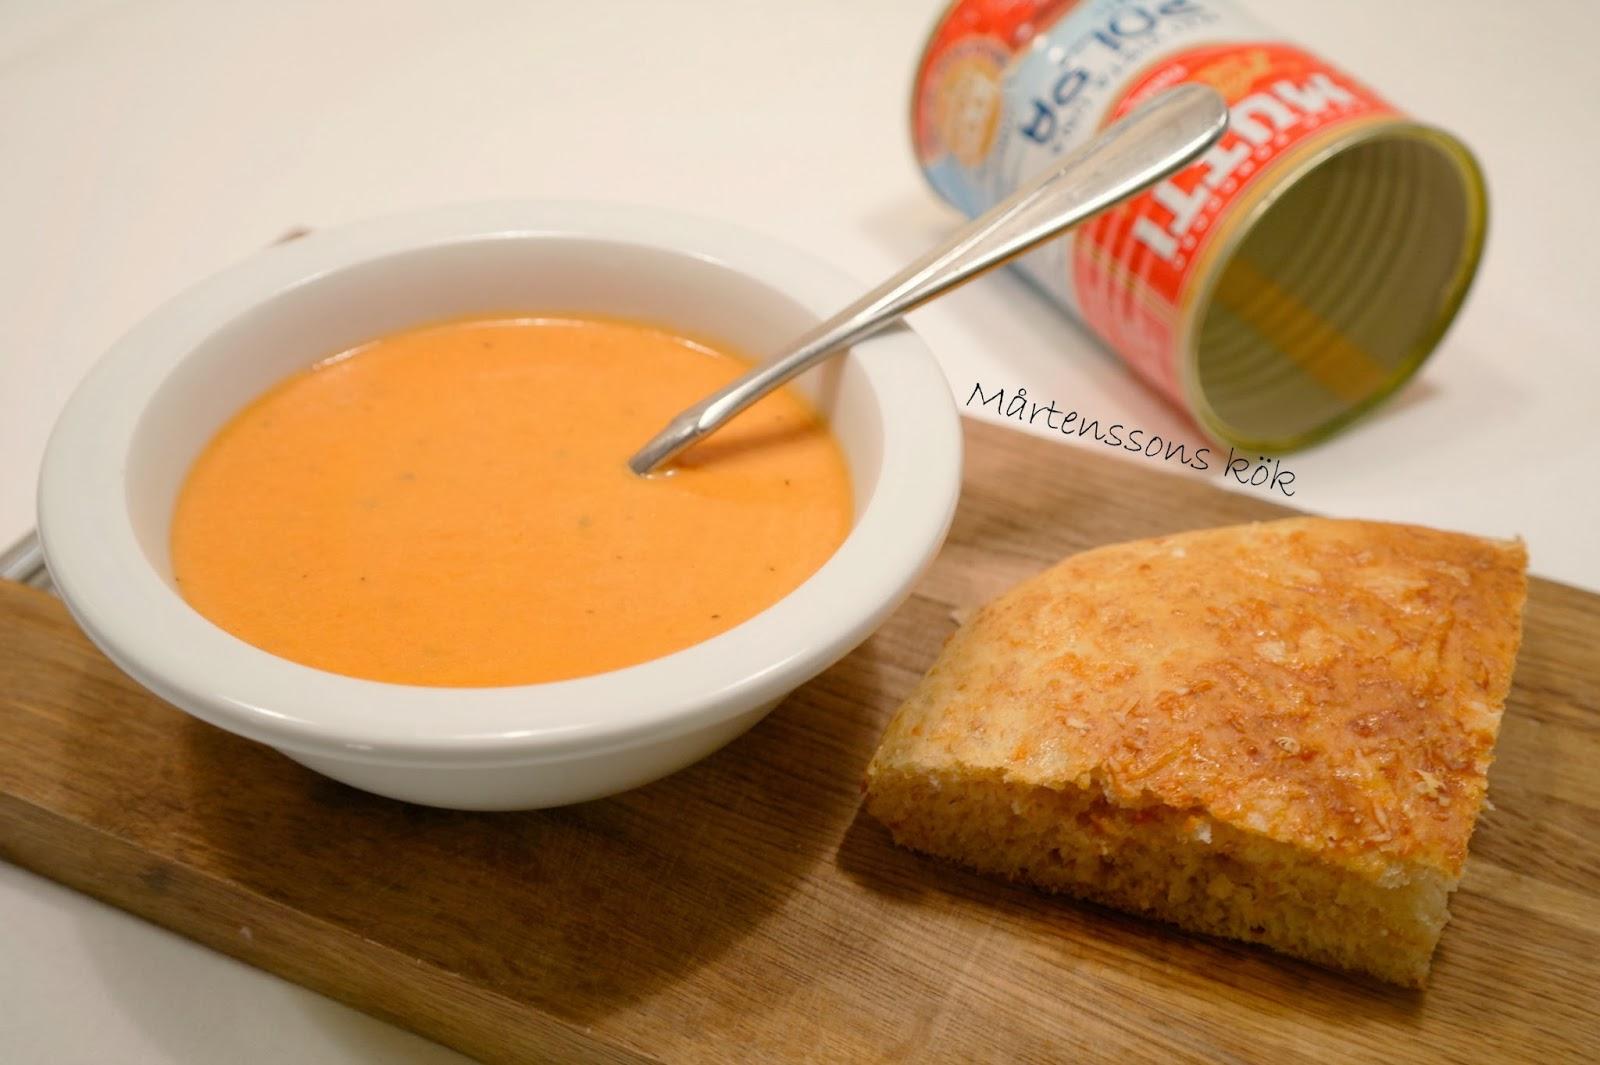 ostbröd till soppa